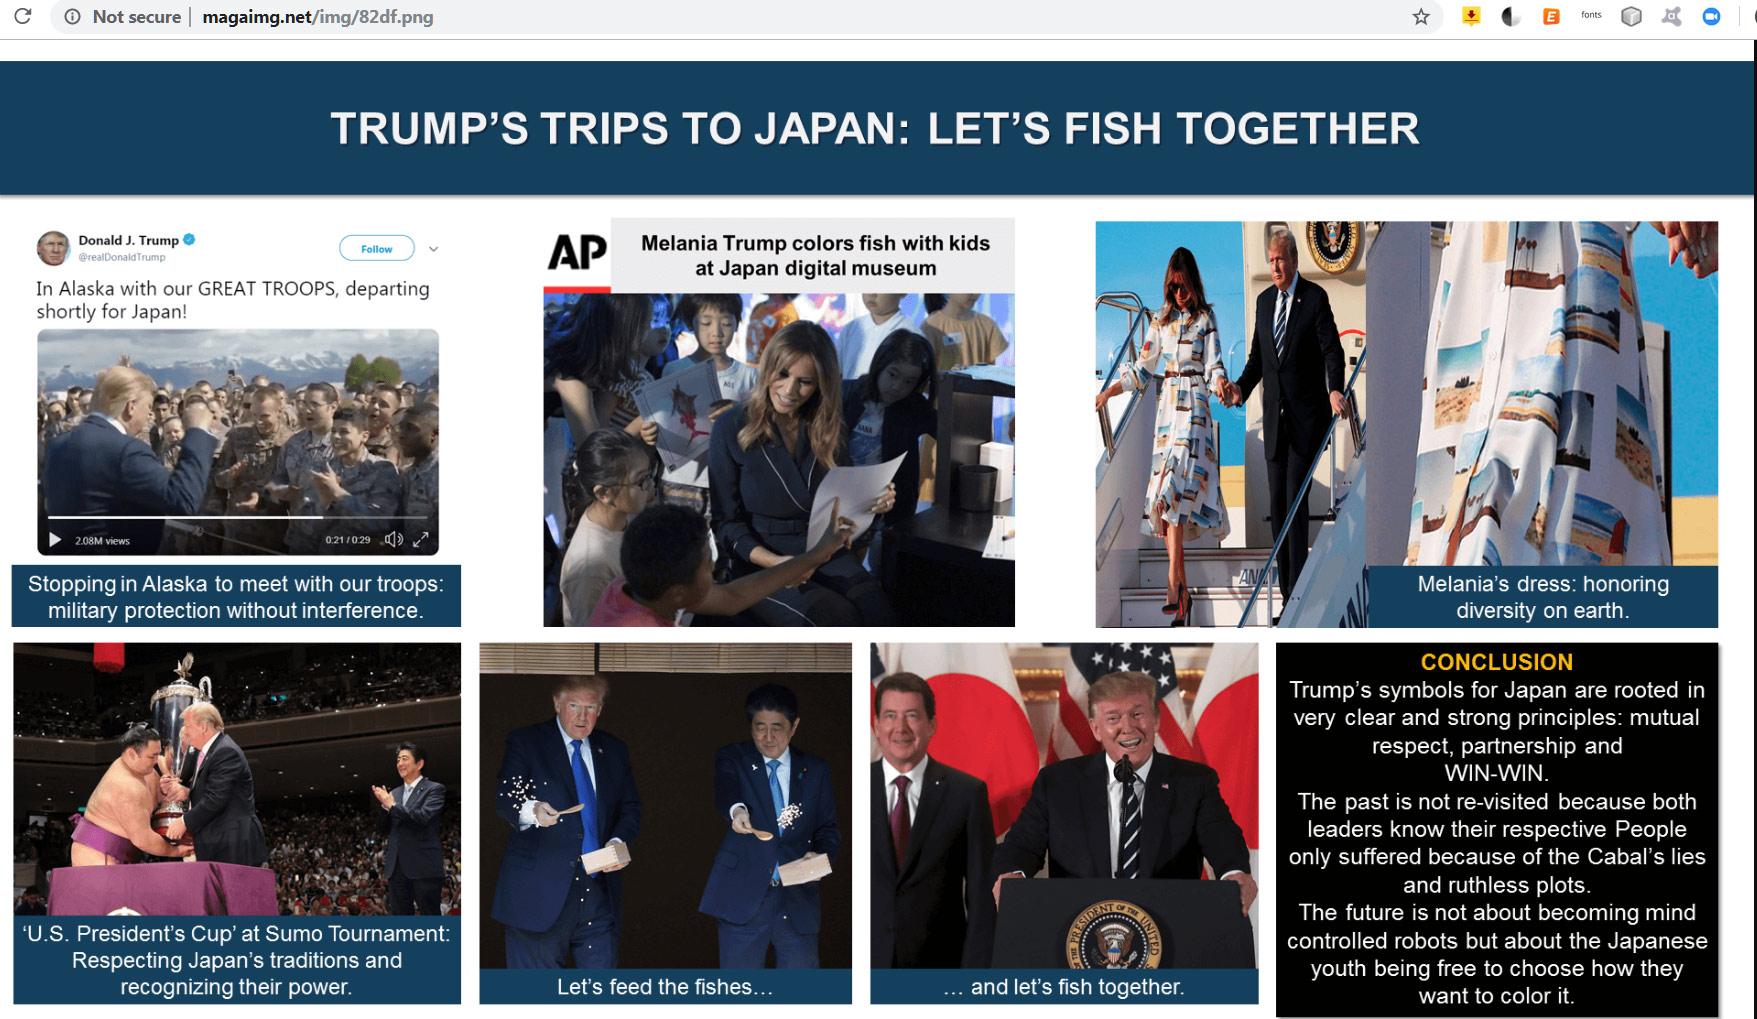 TrumpJapan.jpg